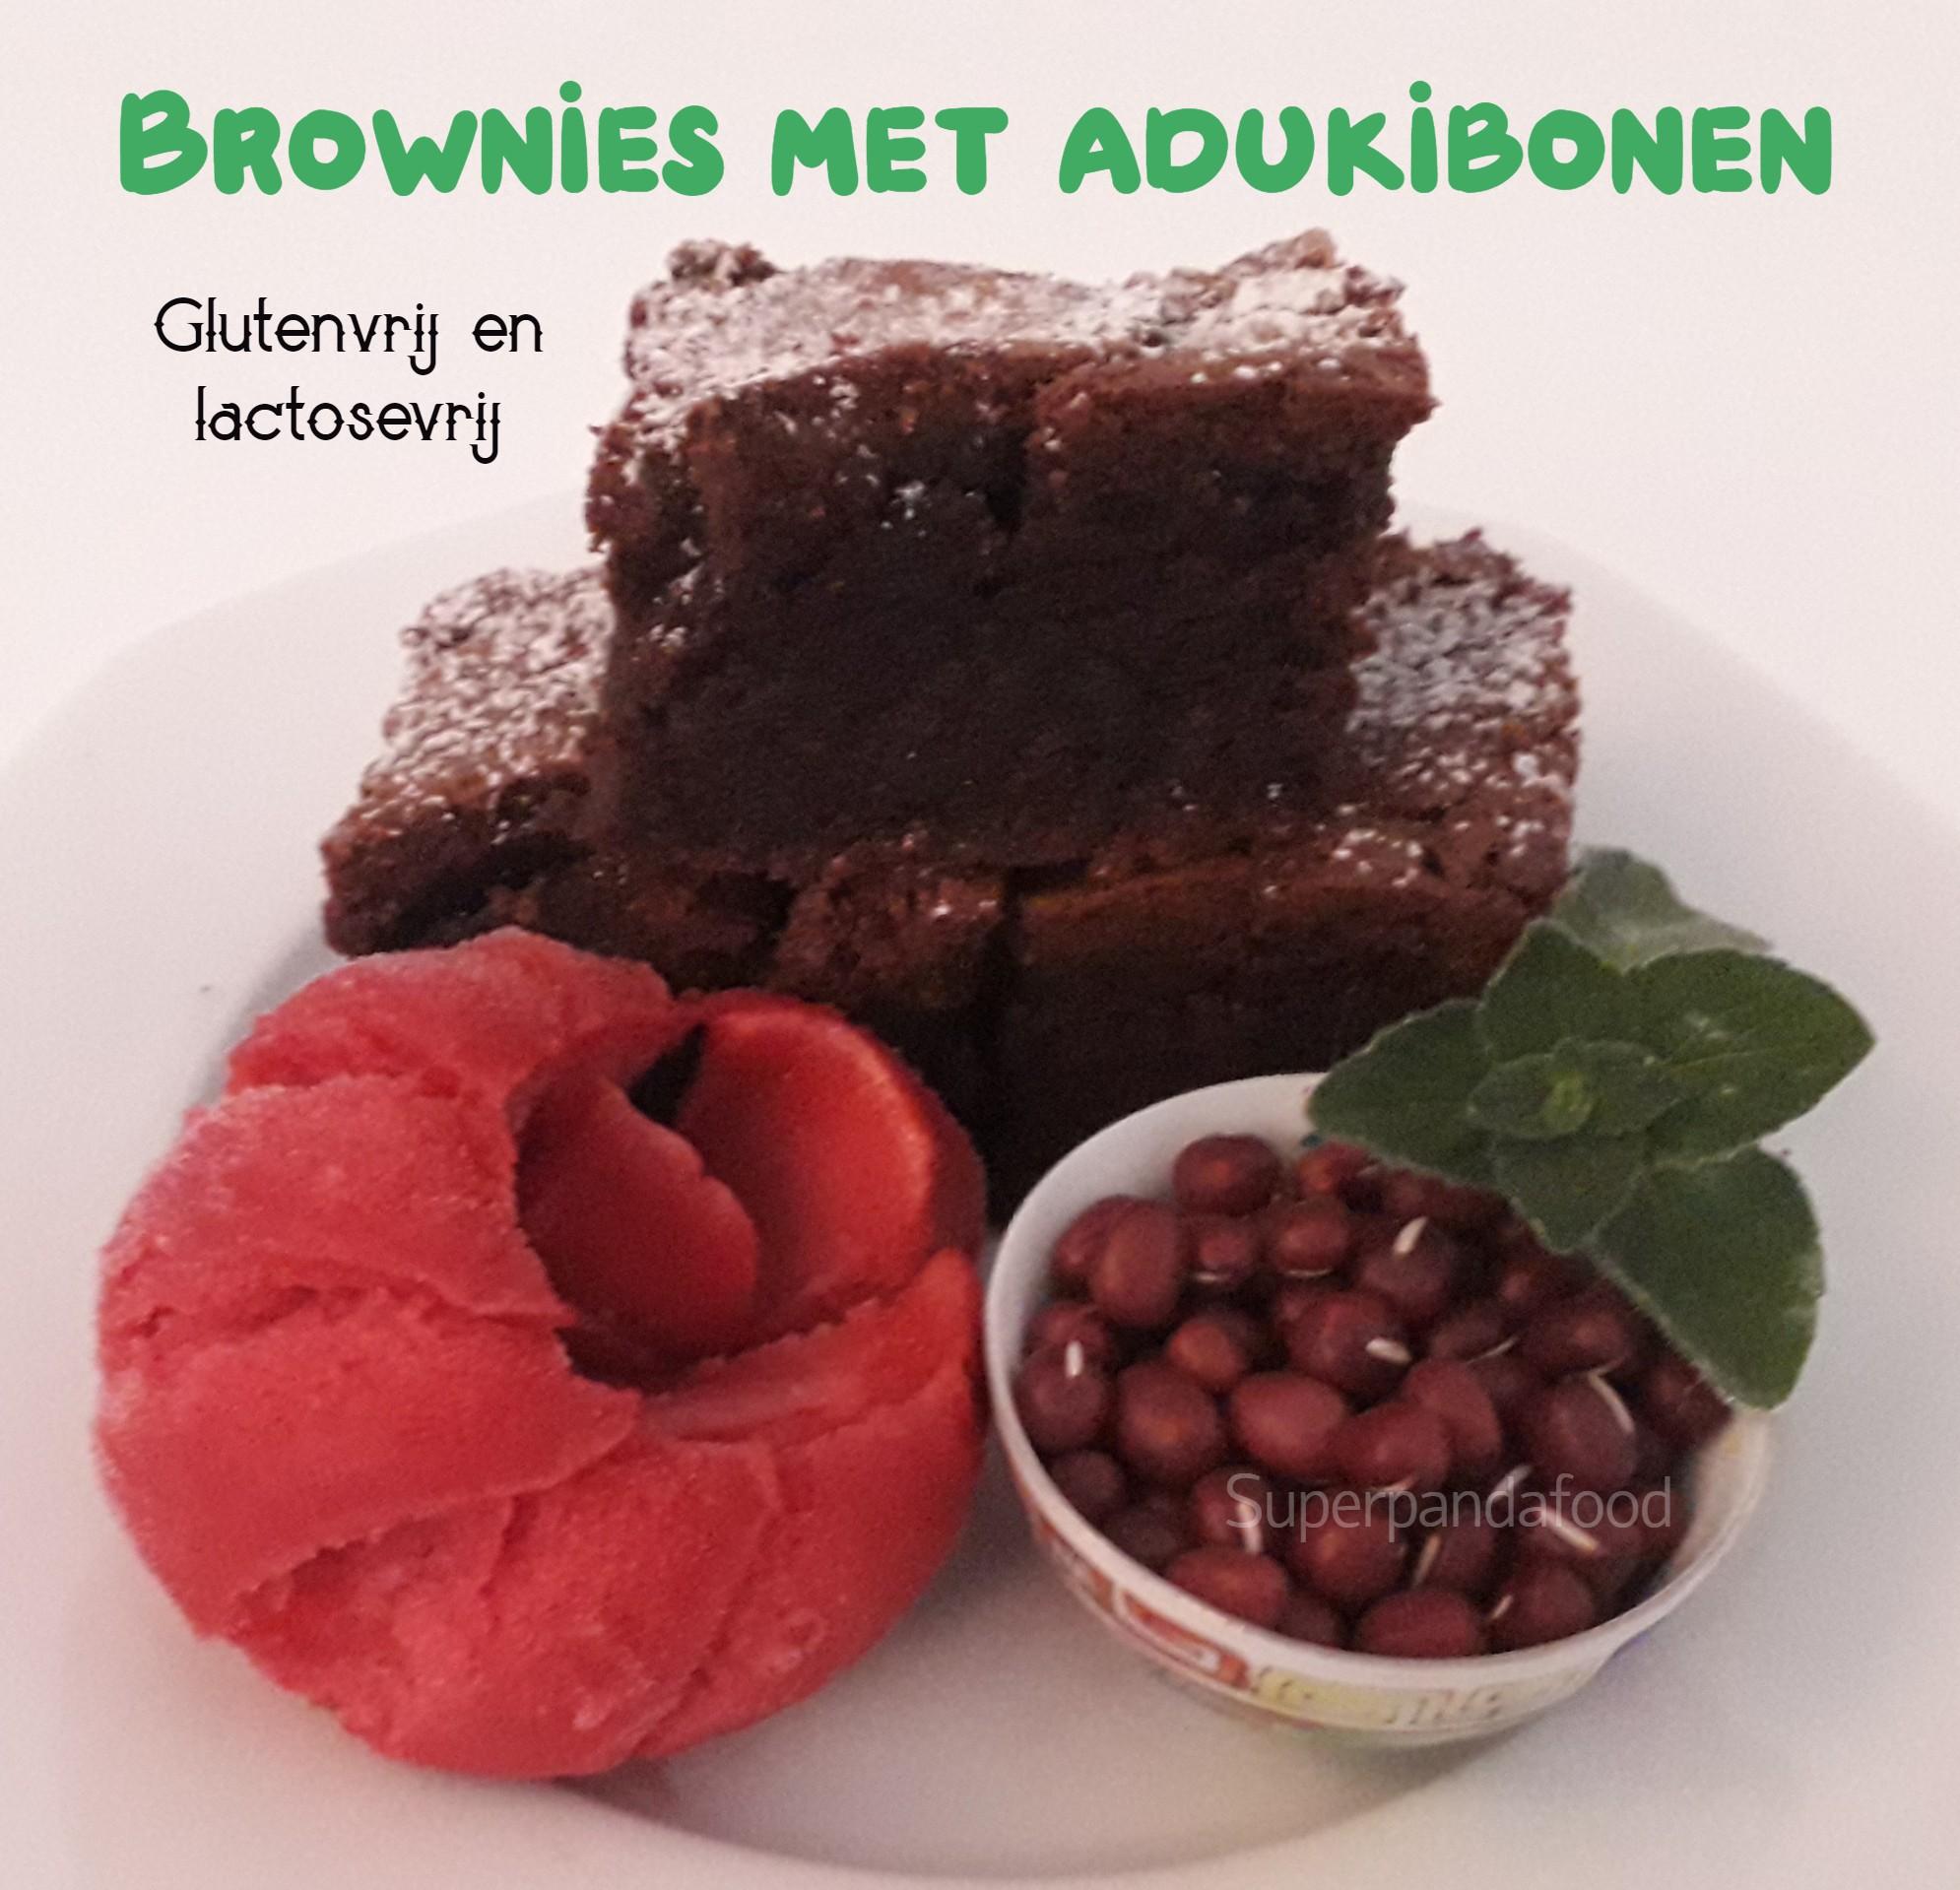 Brownies met adukibonen - glutenvrij en lactosevrij - Recept - Superpandafood